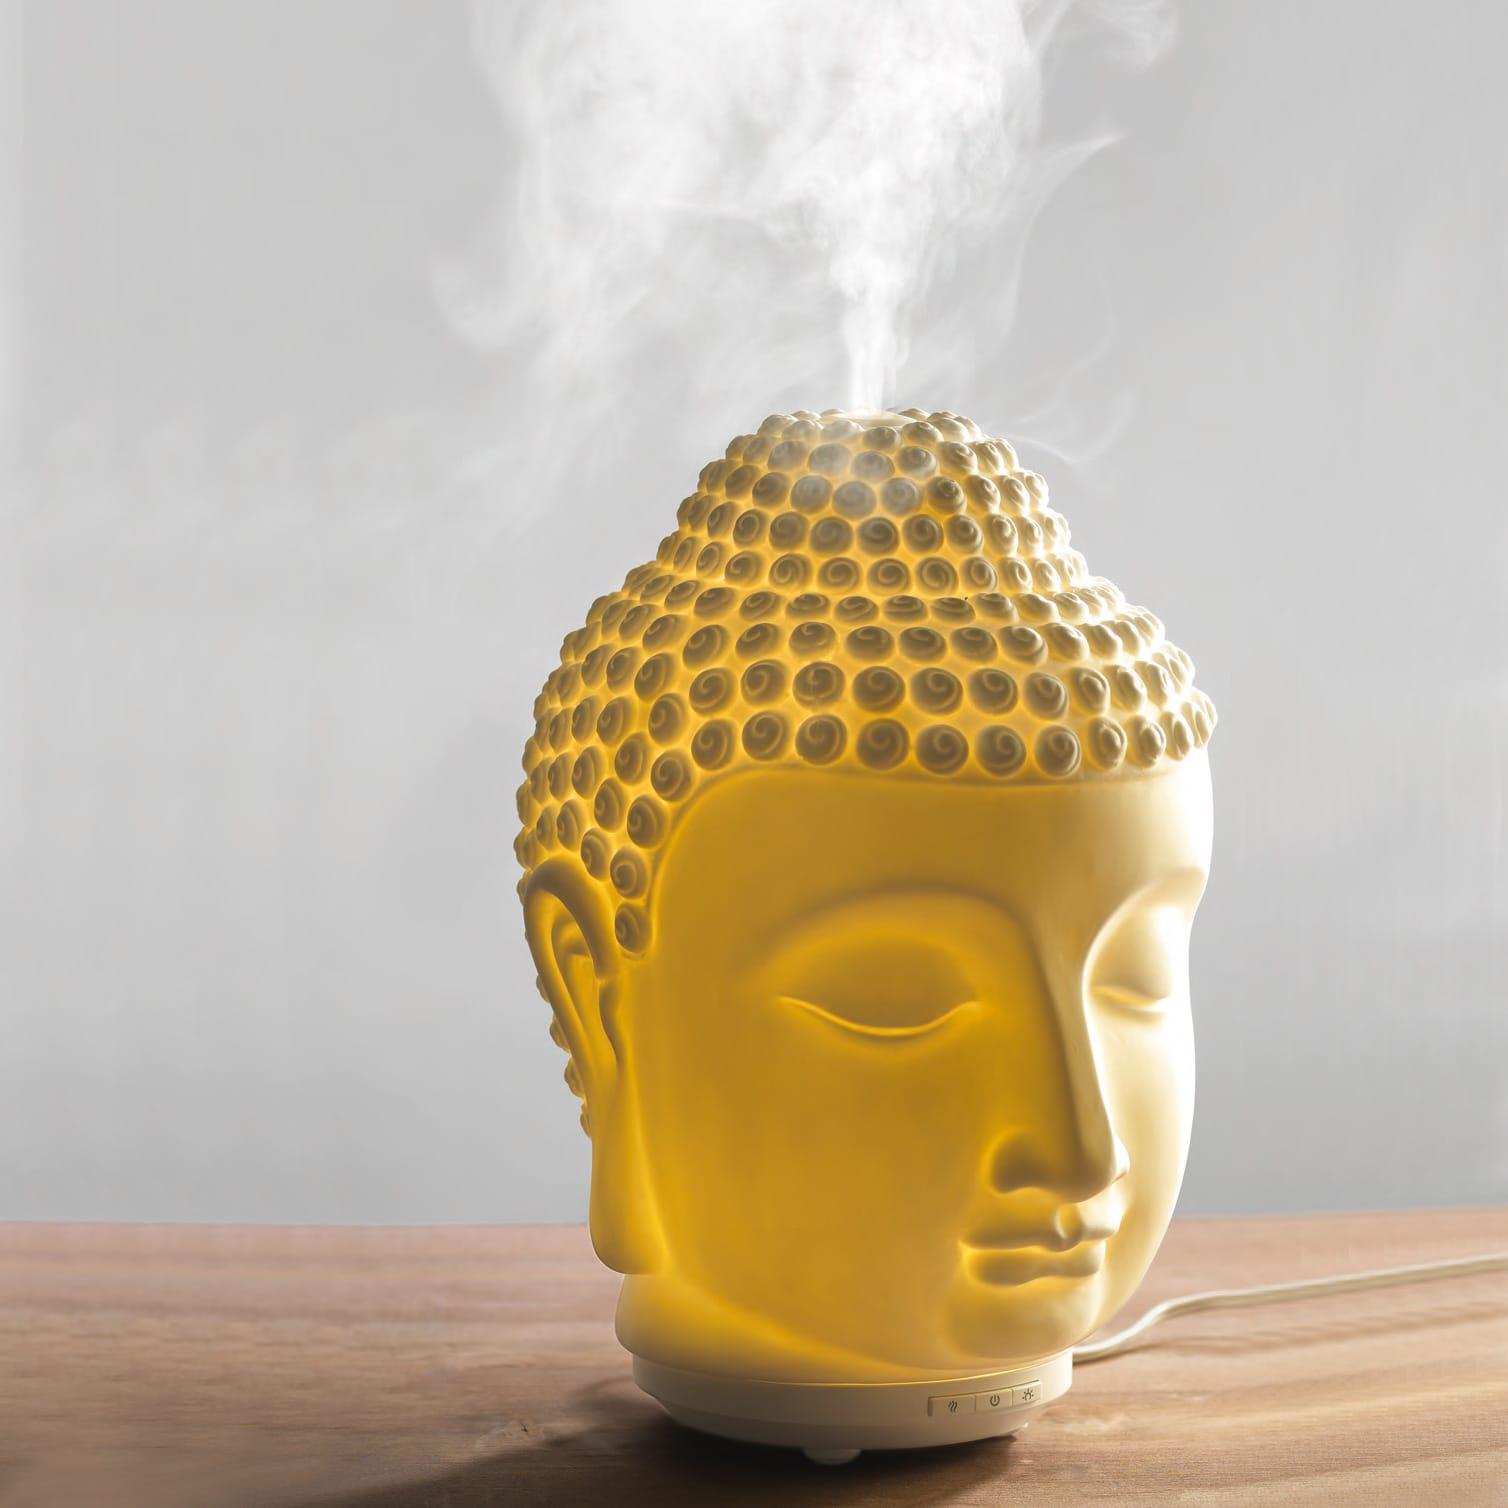 D'huiles Découvertes Essentielles BuddhaNatureamp; Diffuseur Diffuseur Essentielles Essentielles D'huiles Diffuseur Découvertes BuddhaNatureamp; D'huiles X08nwOPk